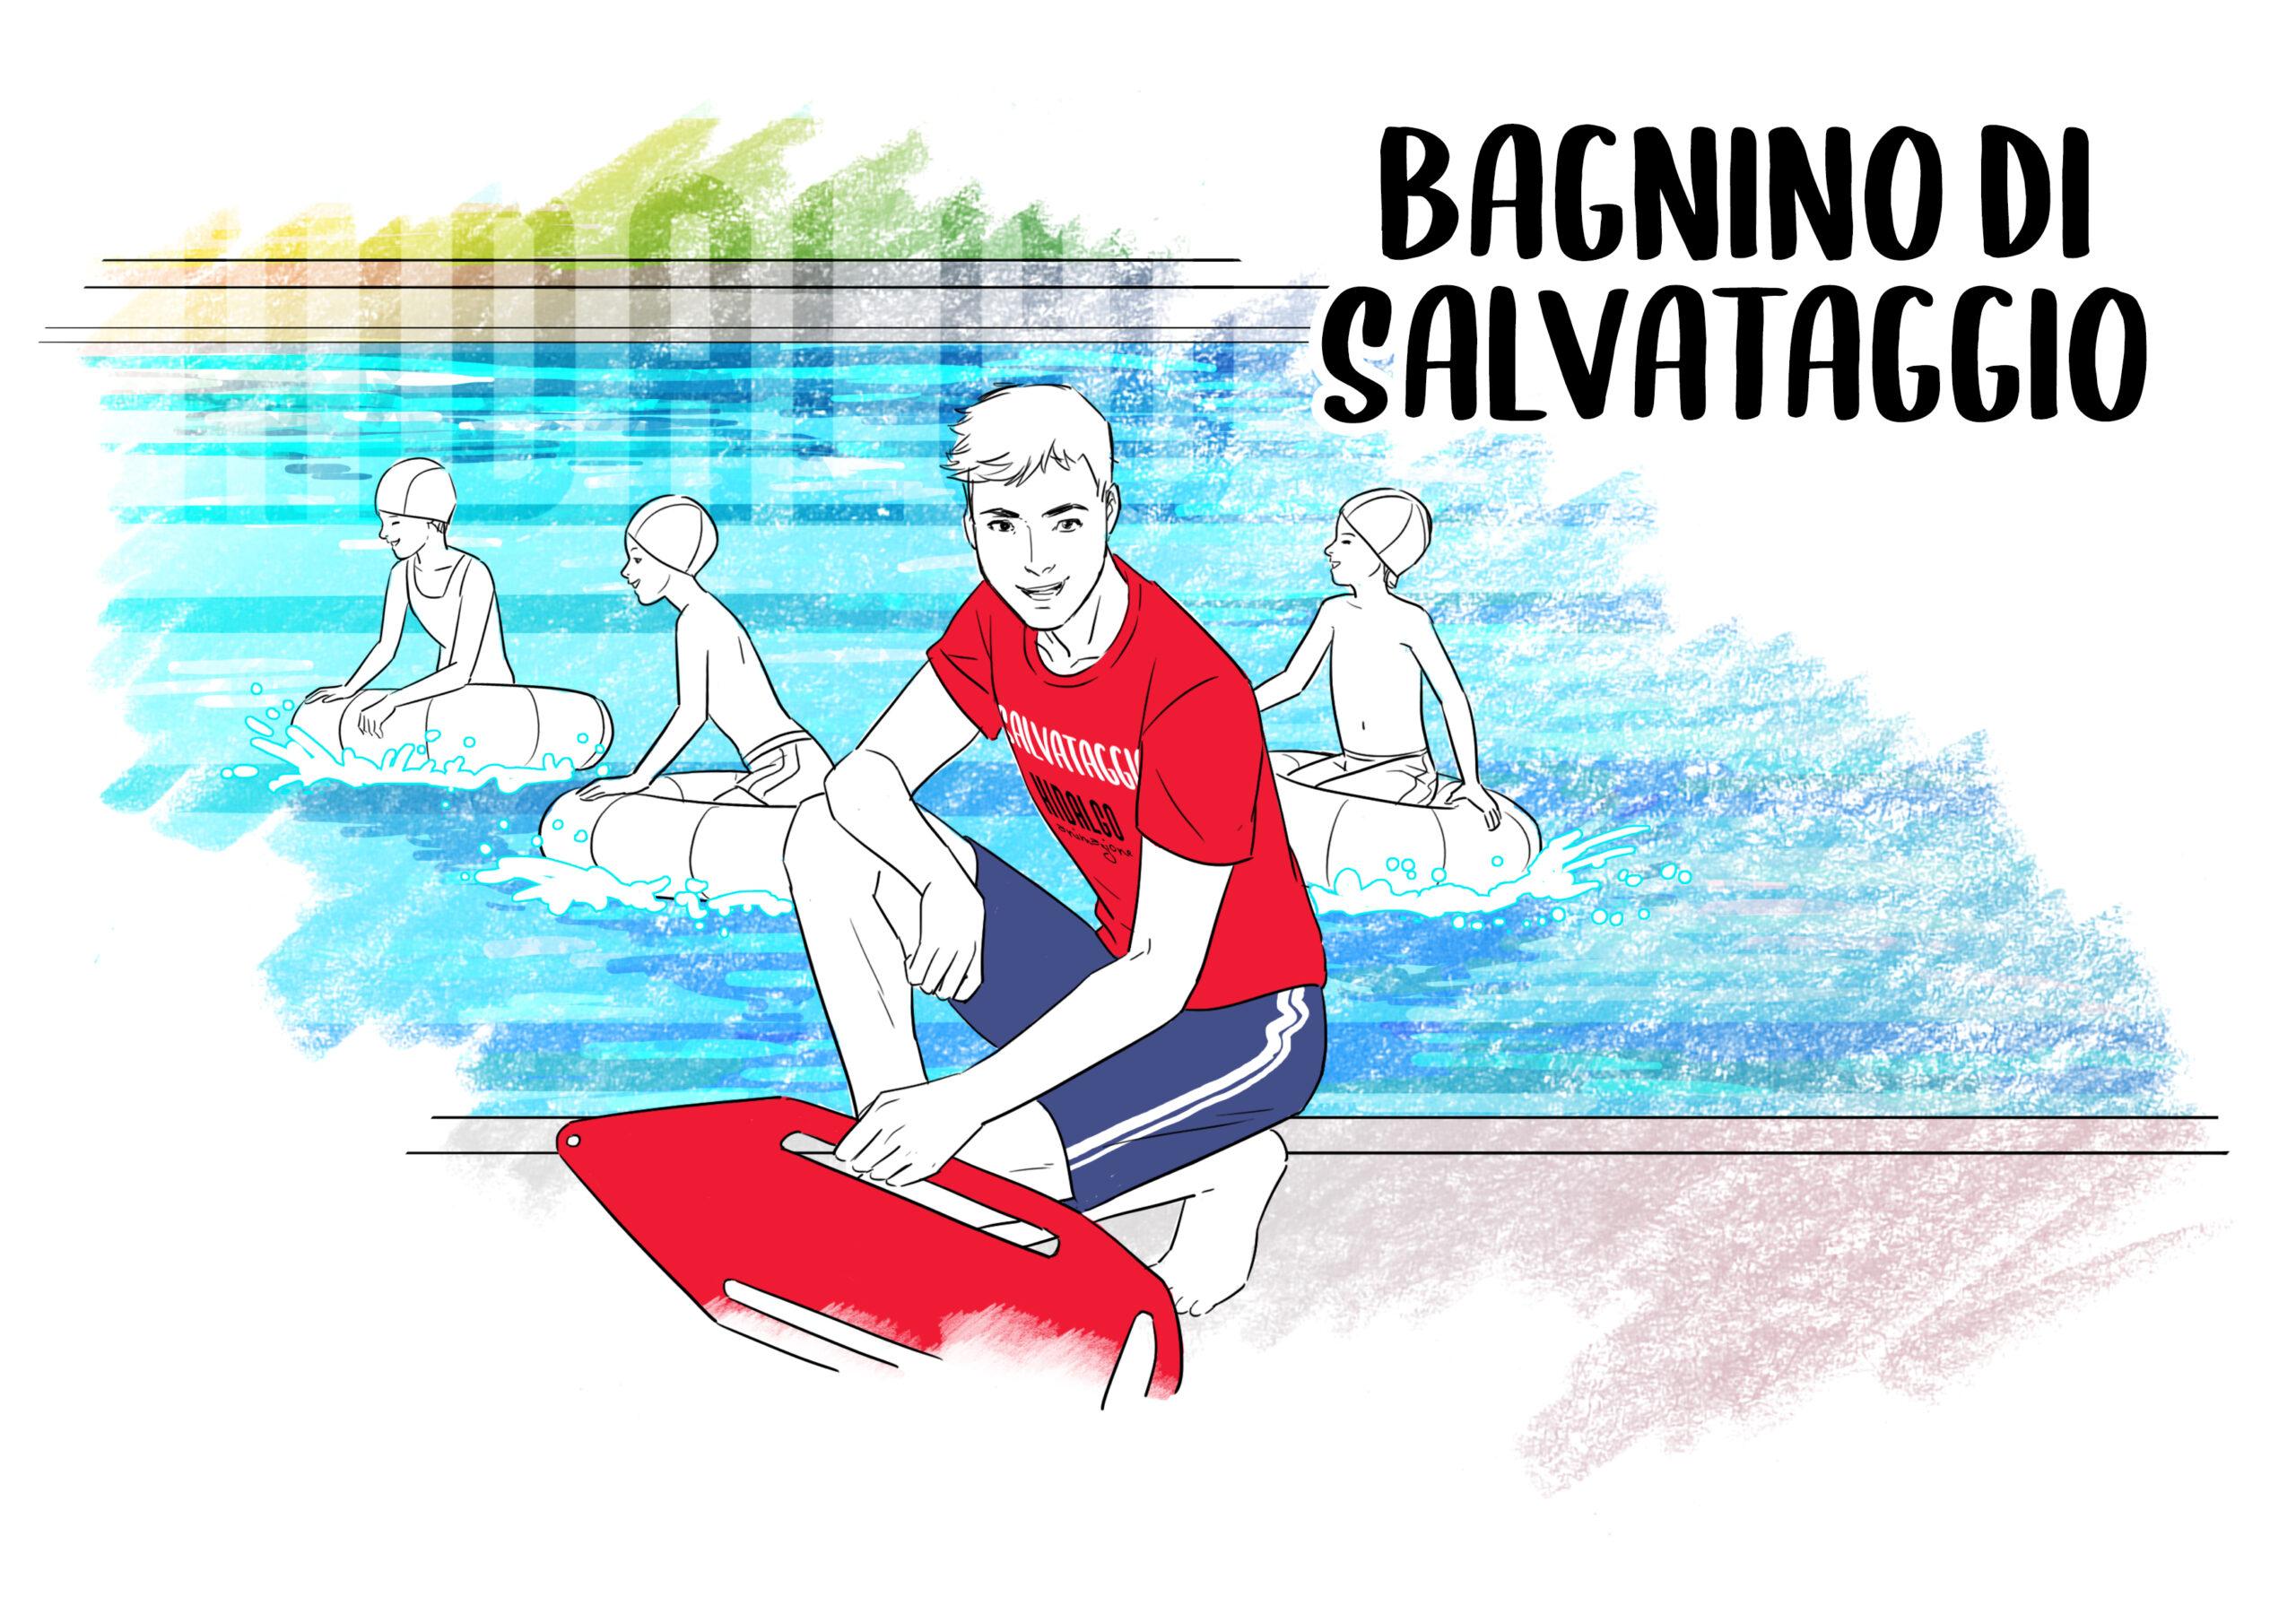 https://www.hidalgoanimazione.it/wp-content/uploads/2020/05/bagnino-con-testo-scaled.jpg